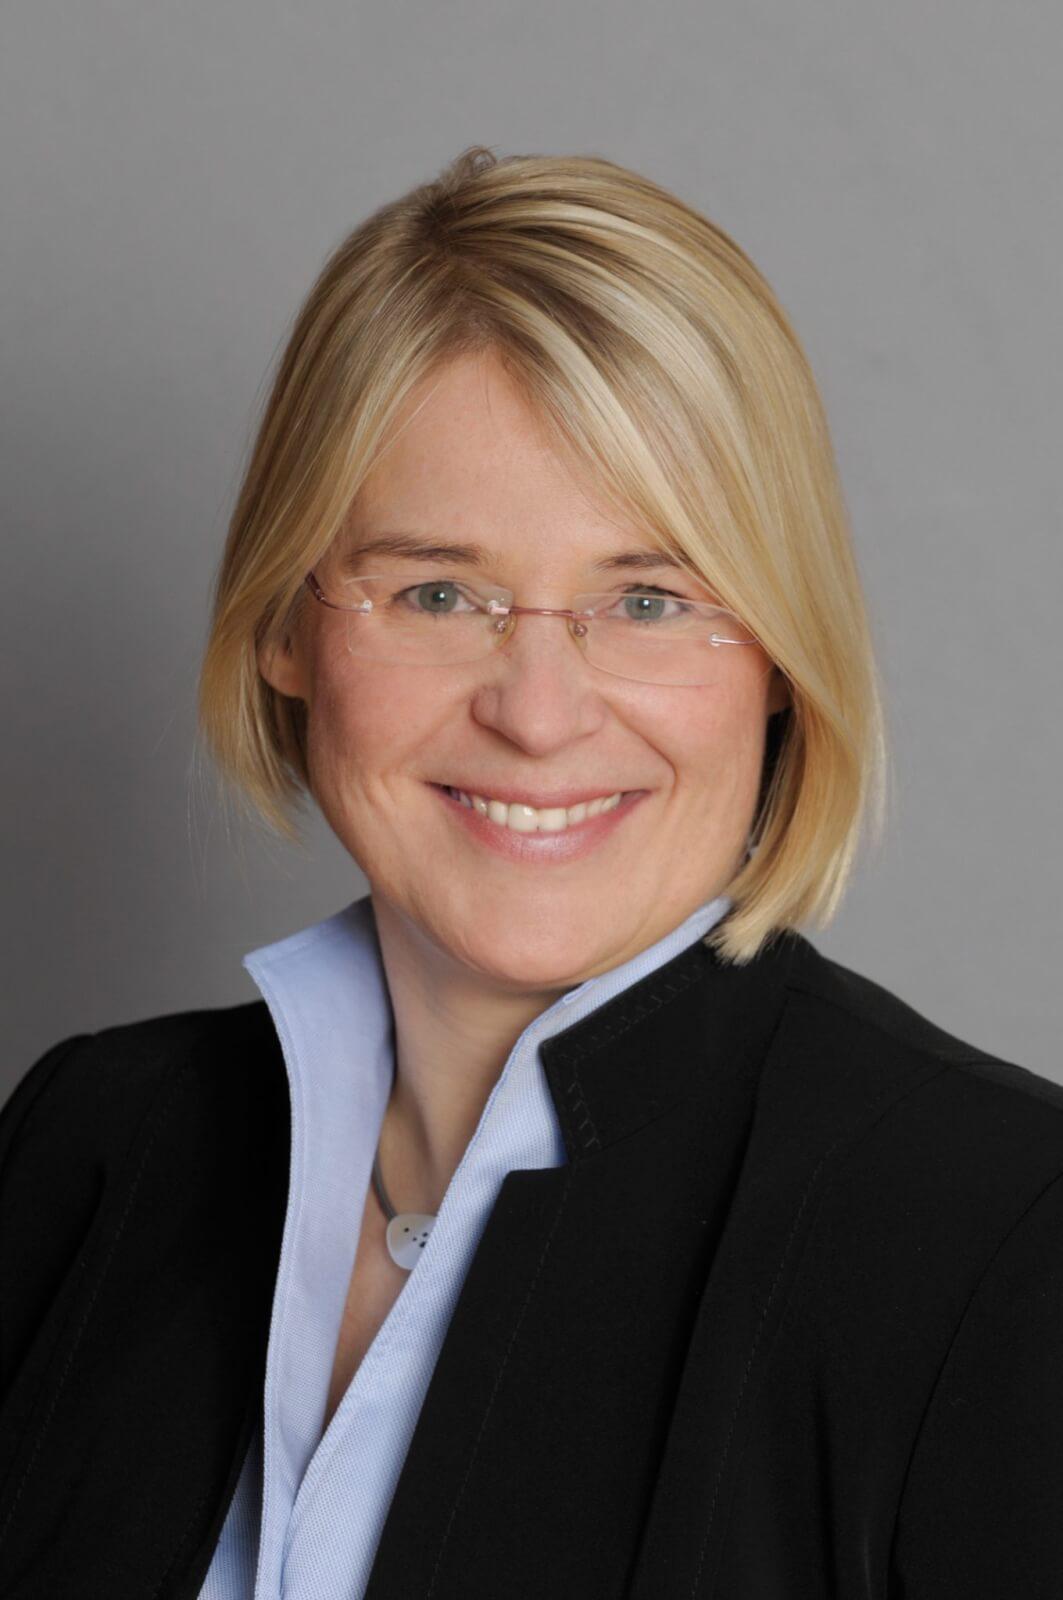 Kristin Alheit, Gesundheitsministerin Schleswig-Holstein